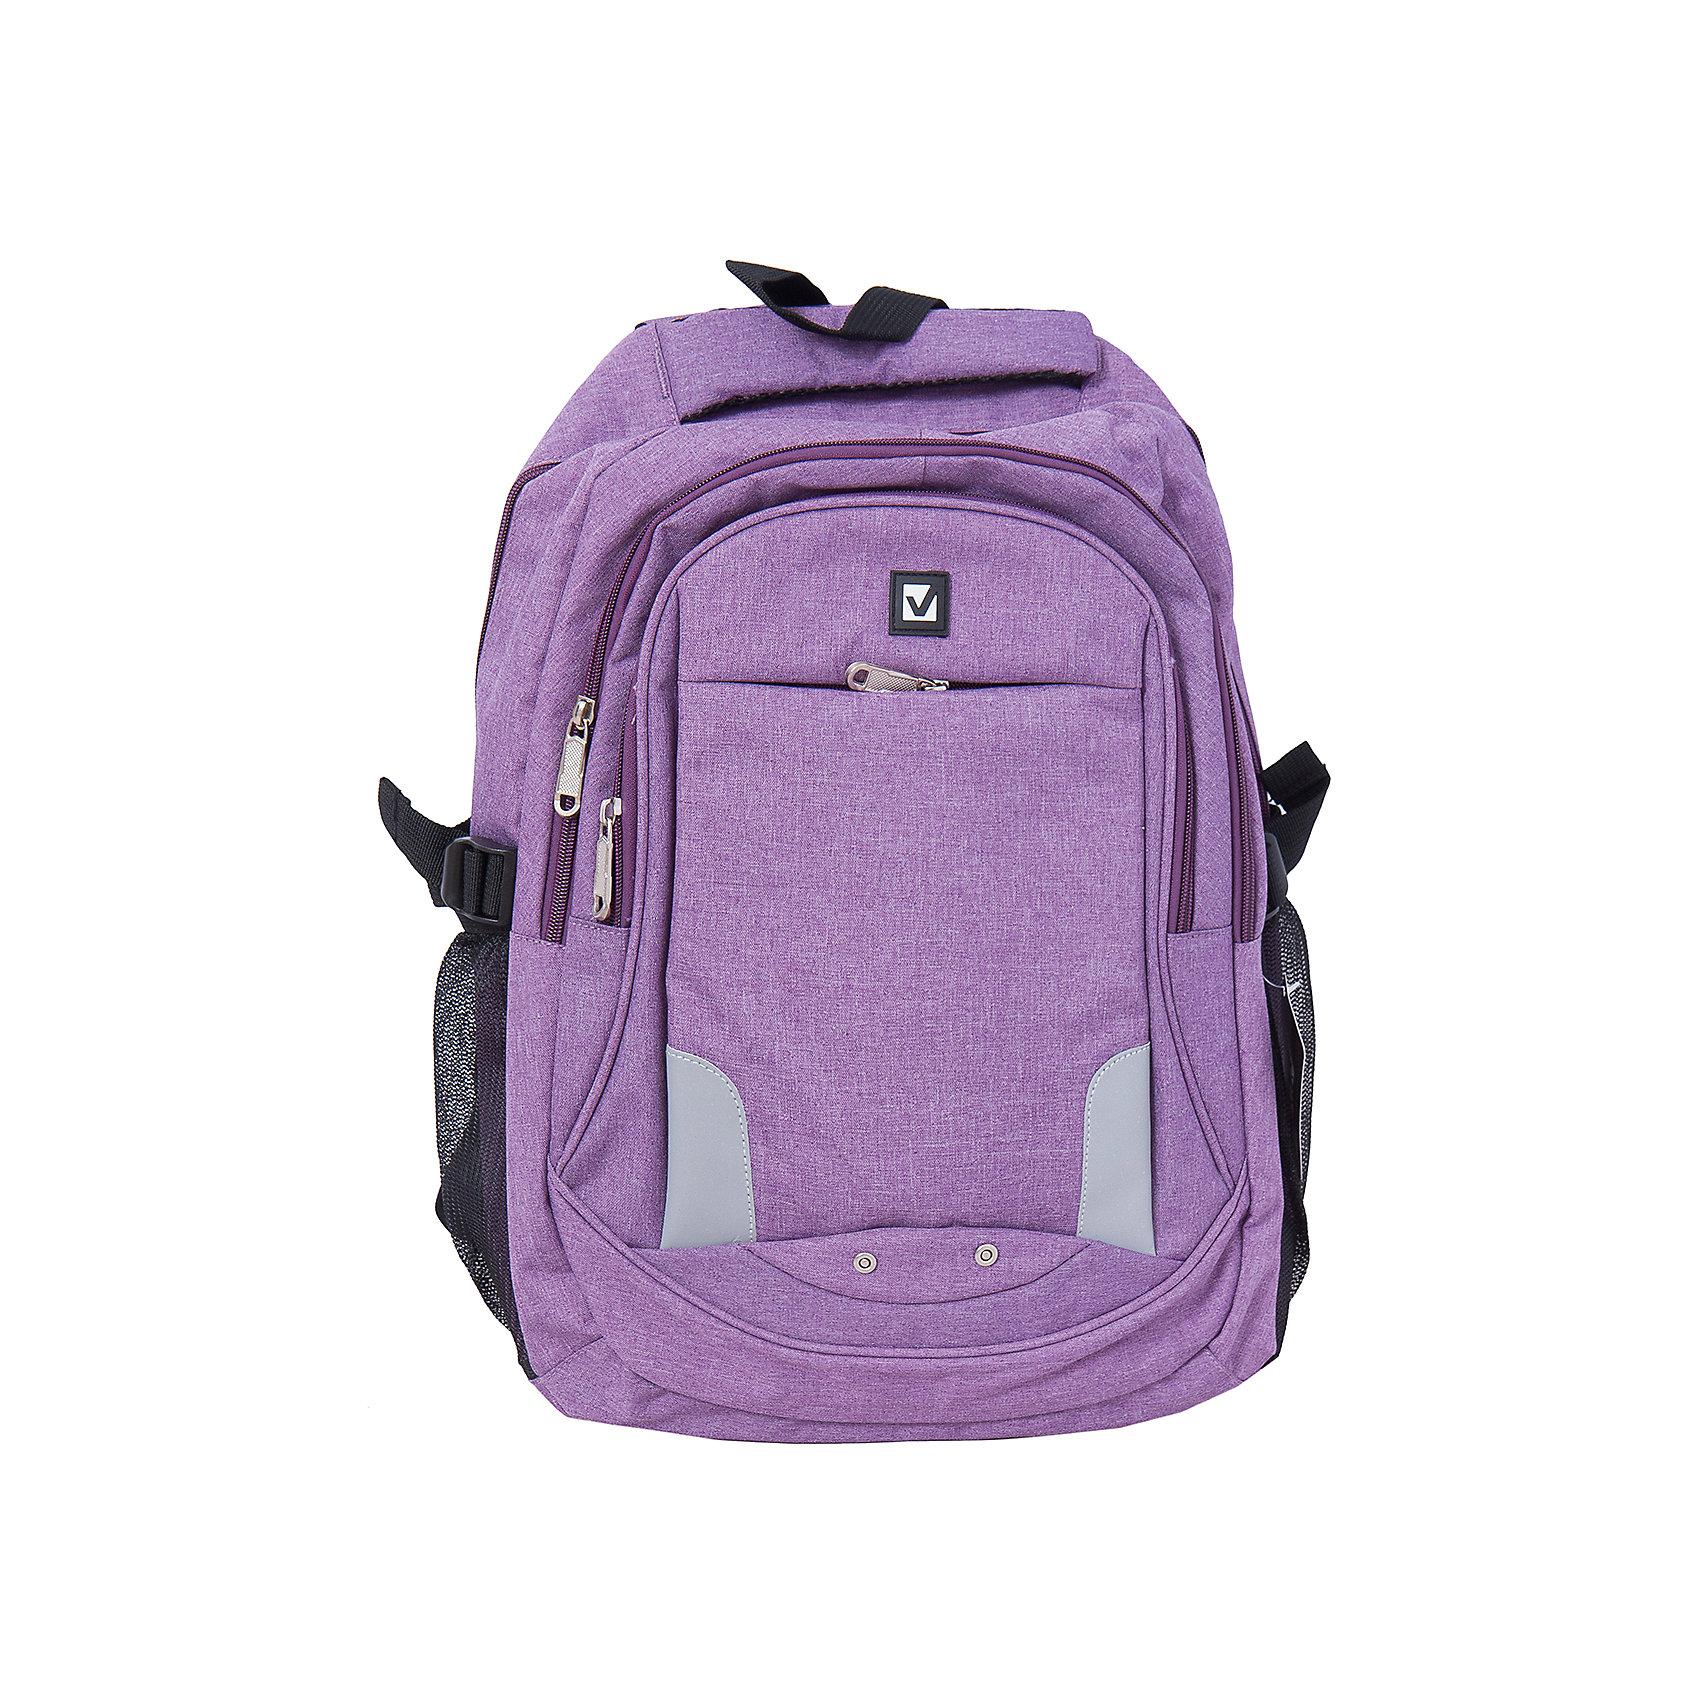 Brauberg Рюкзак СтимулРюкзаки<br>Практичный рюкзак лаконичного дизайна. Многочисленные карманы данной модели позволят иметь все необходимое под рукой.<br><br>Ширина мм: 3<br>Глубина мм: 34<br>Высота мм: 46<br>Вес г: 813<br>Возраст от месяцев: 72<br>Возраст до месяцев: 144<br>Пол: Мужской<br>Возраст: Детский<br>SKU: 4874351